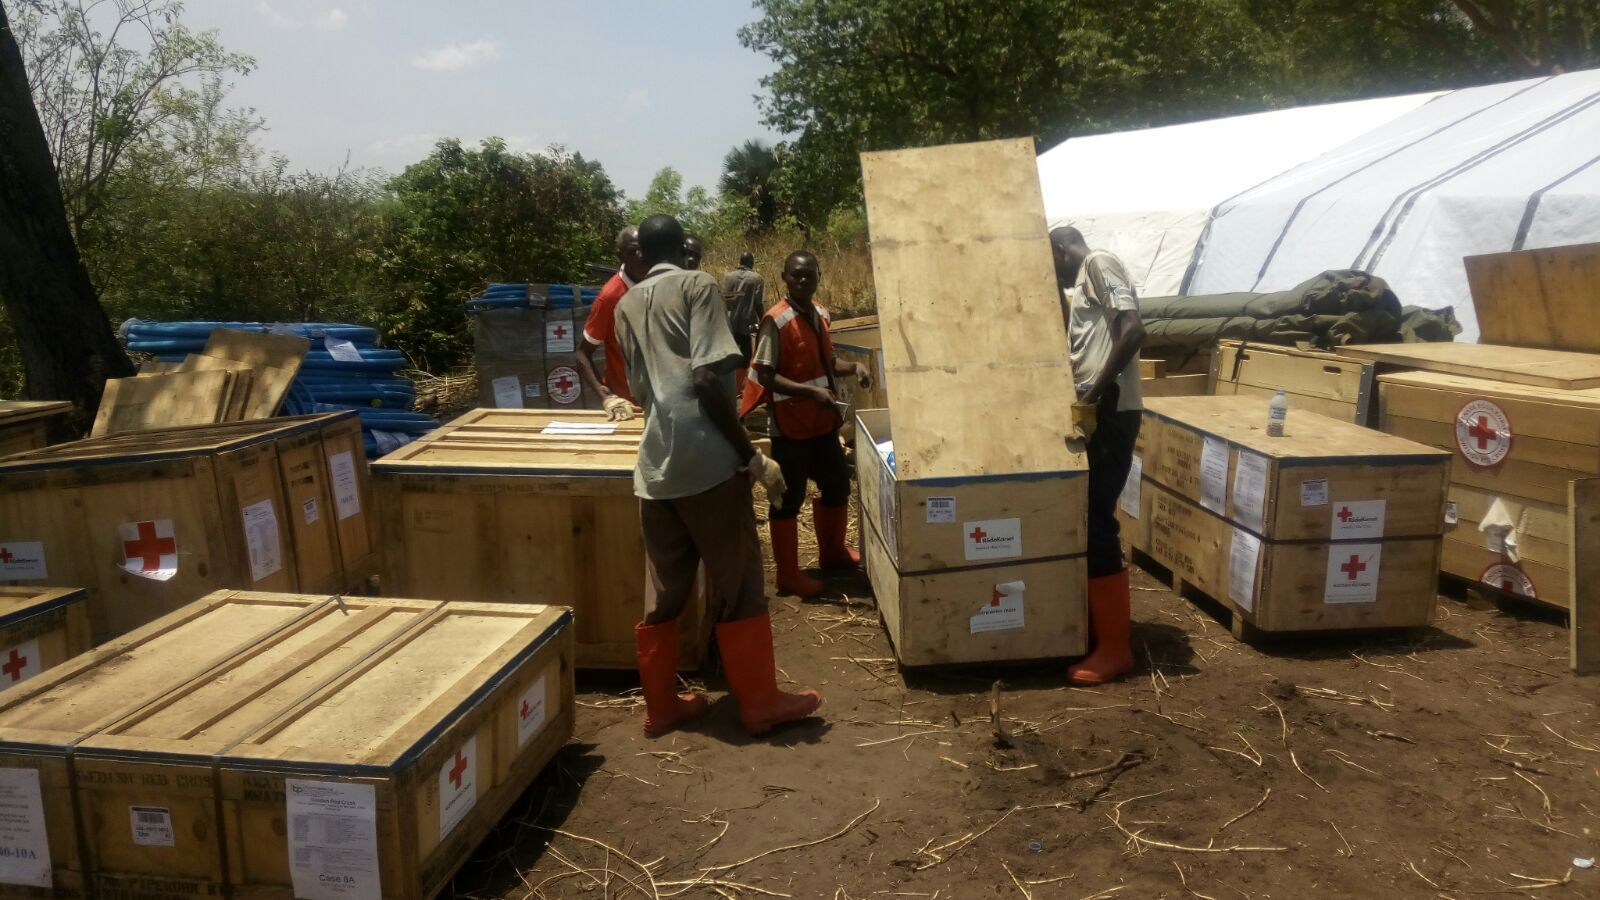 Anlieferung der Teile der Wasseraufbereitungsanlage in Uganda